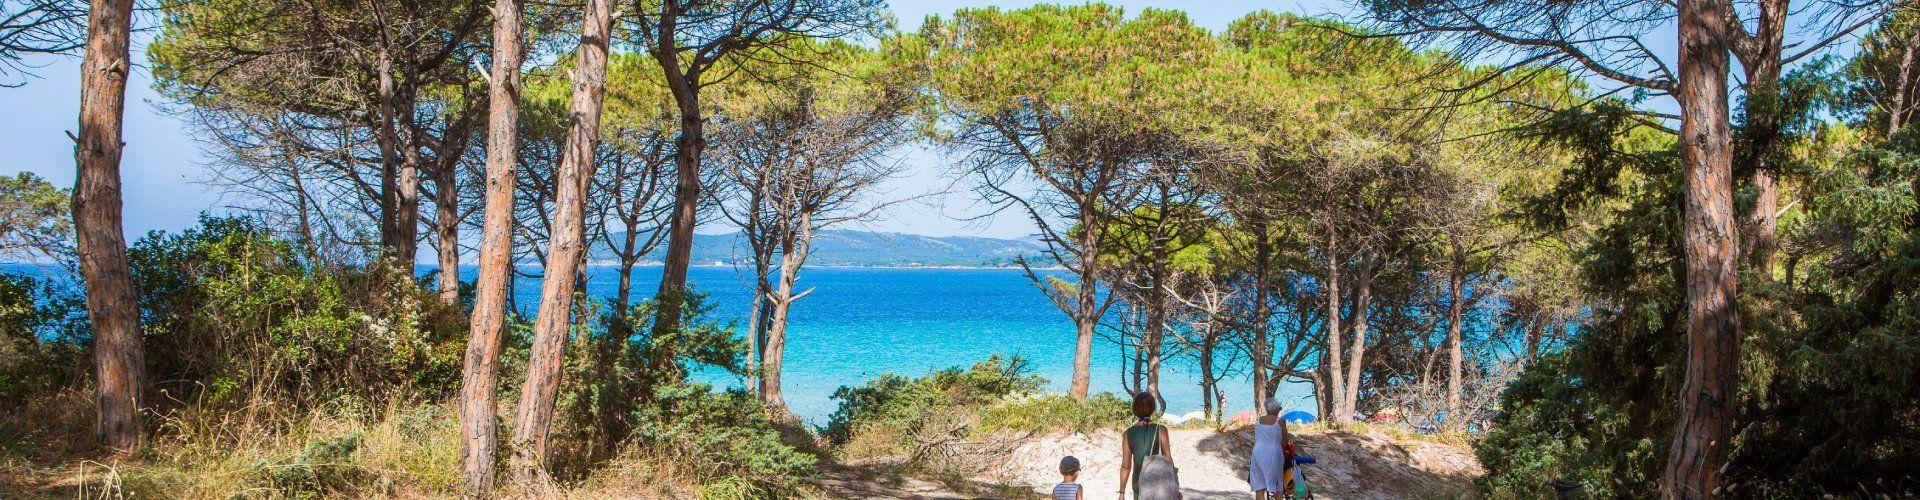 Weg unter Pinien durch weiße Sanddünen zum Strand von Maria Pia Alghero